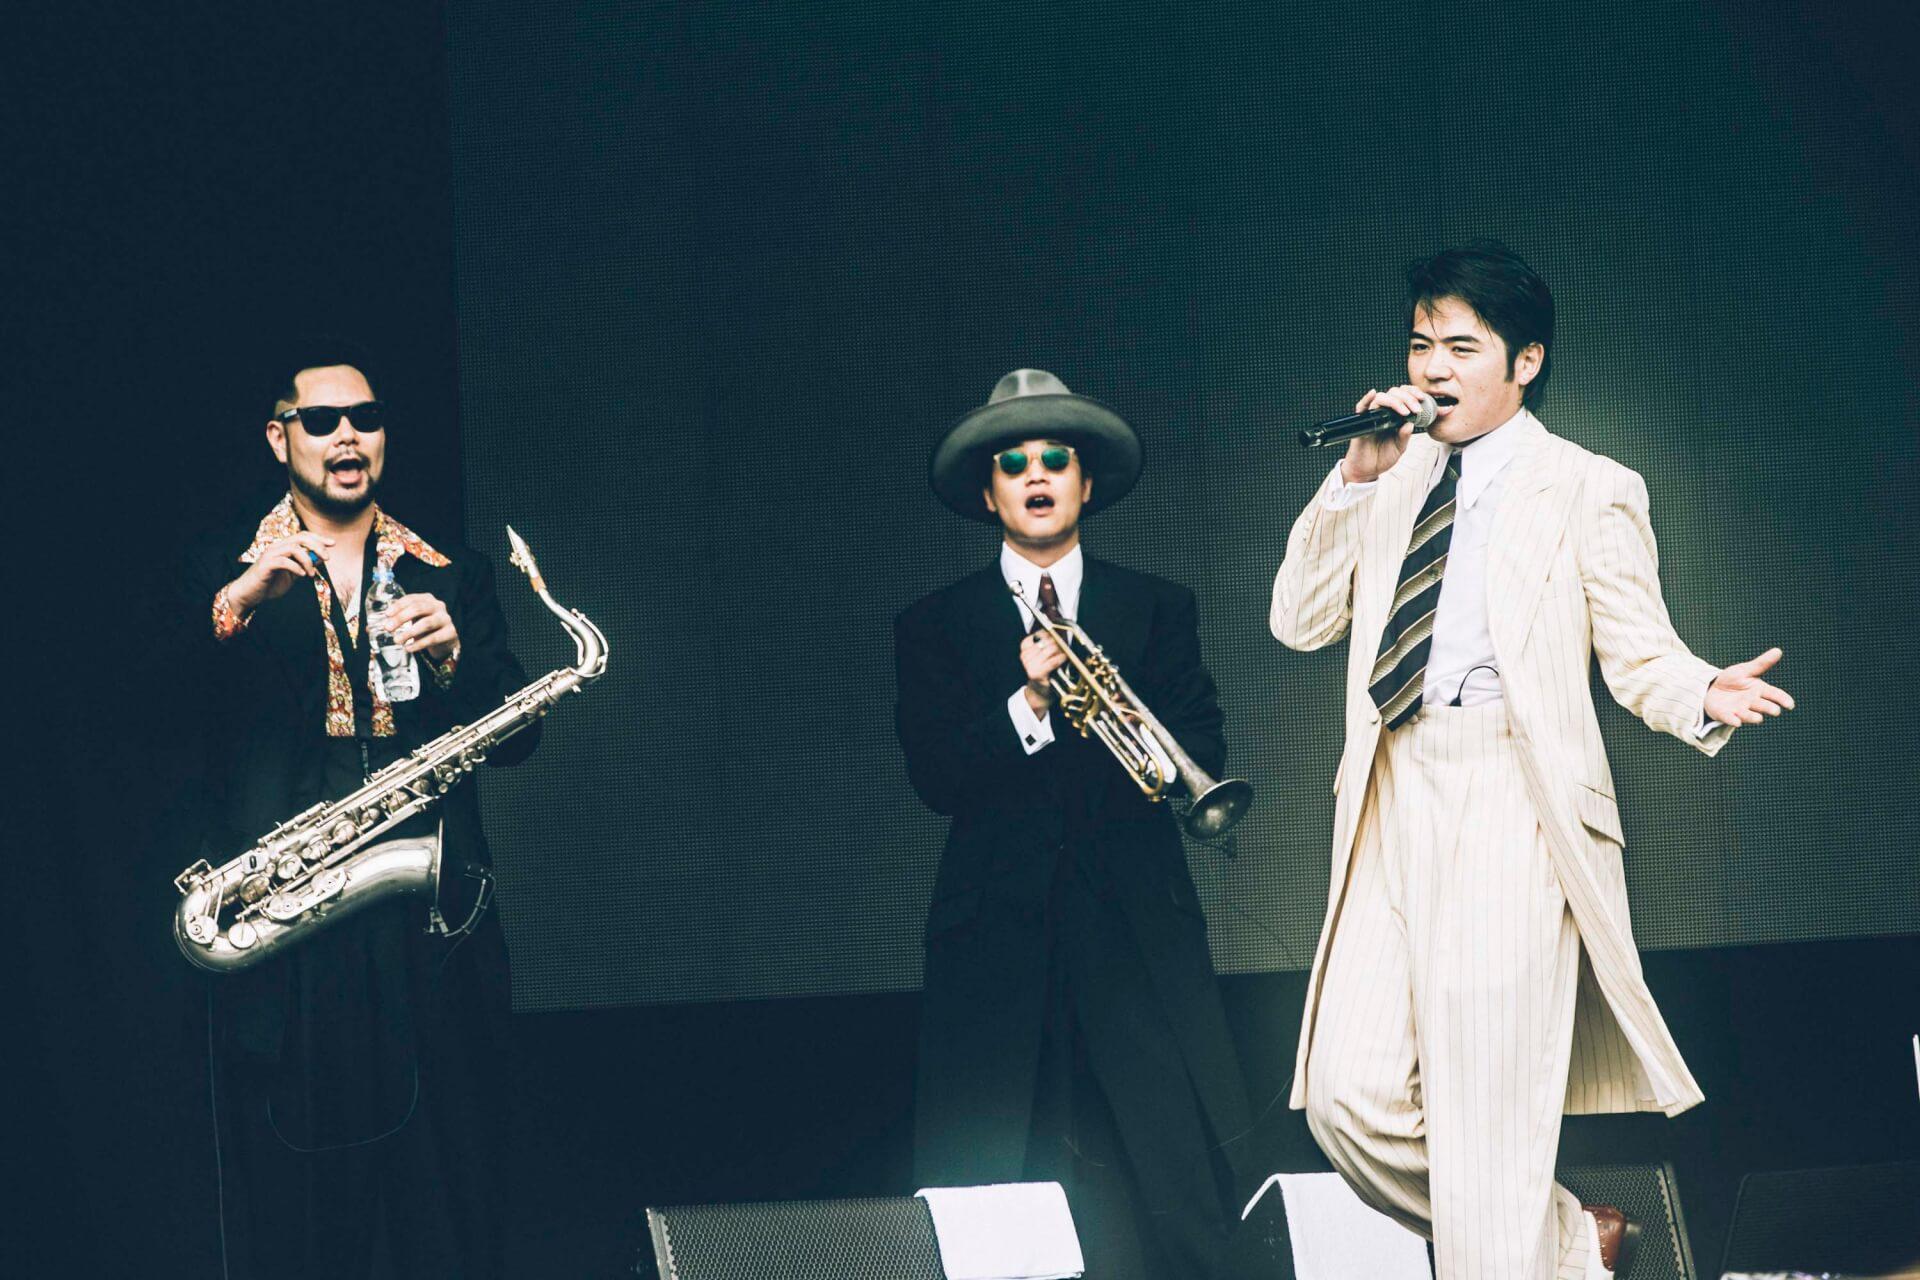 振り返るフジロック2019 SANABAGUN. music190823_fujirock_sanabagun_763.jpg